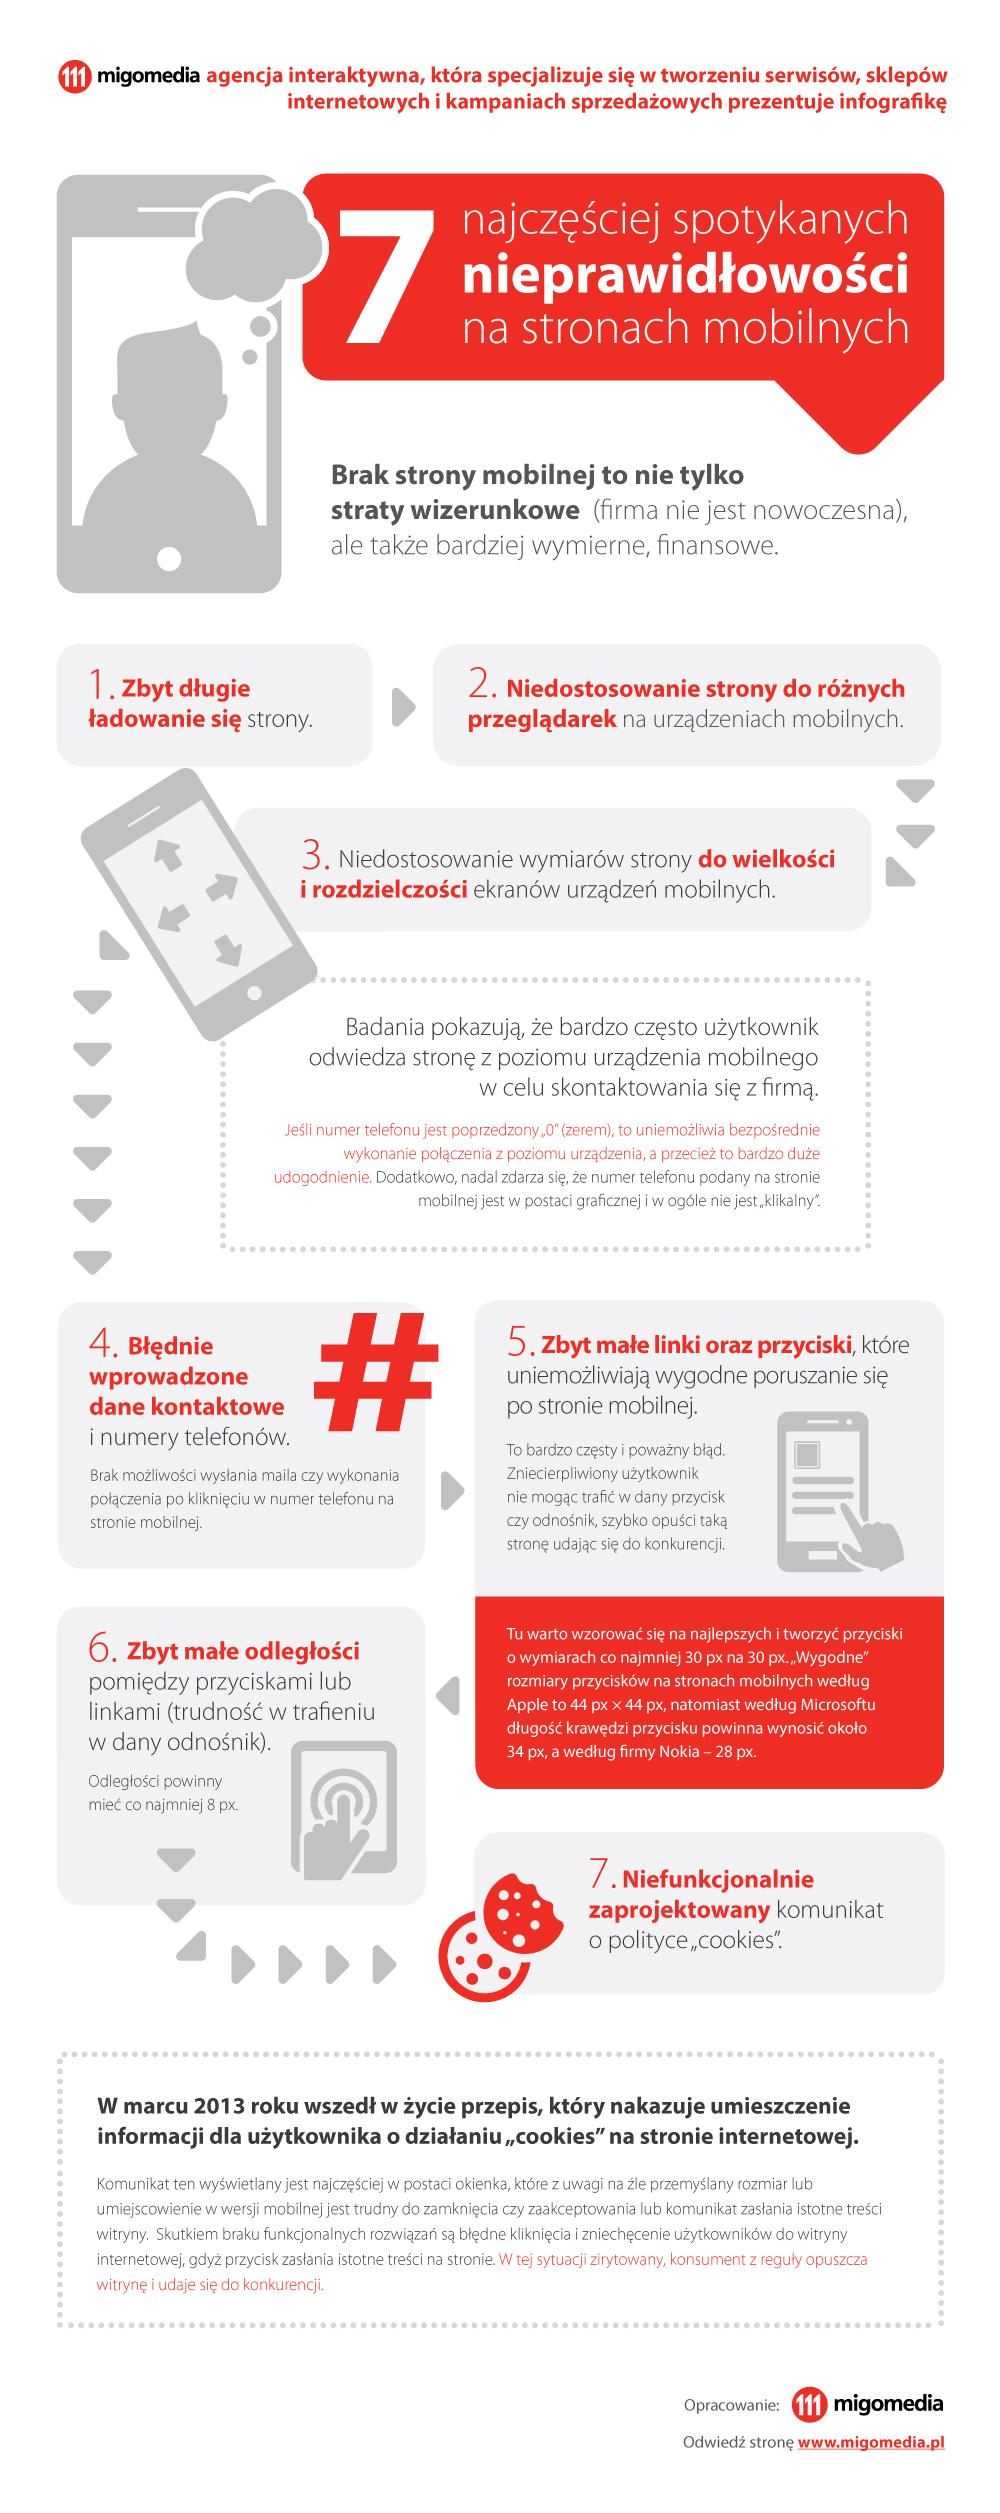 Infografika - 7 najczęściej spotykanych nieprawidłowości na stronach mobilnych